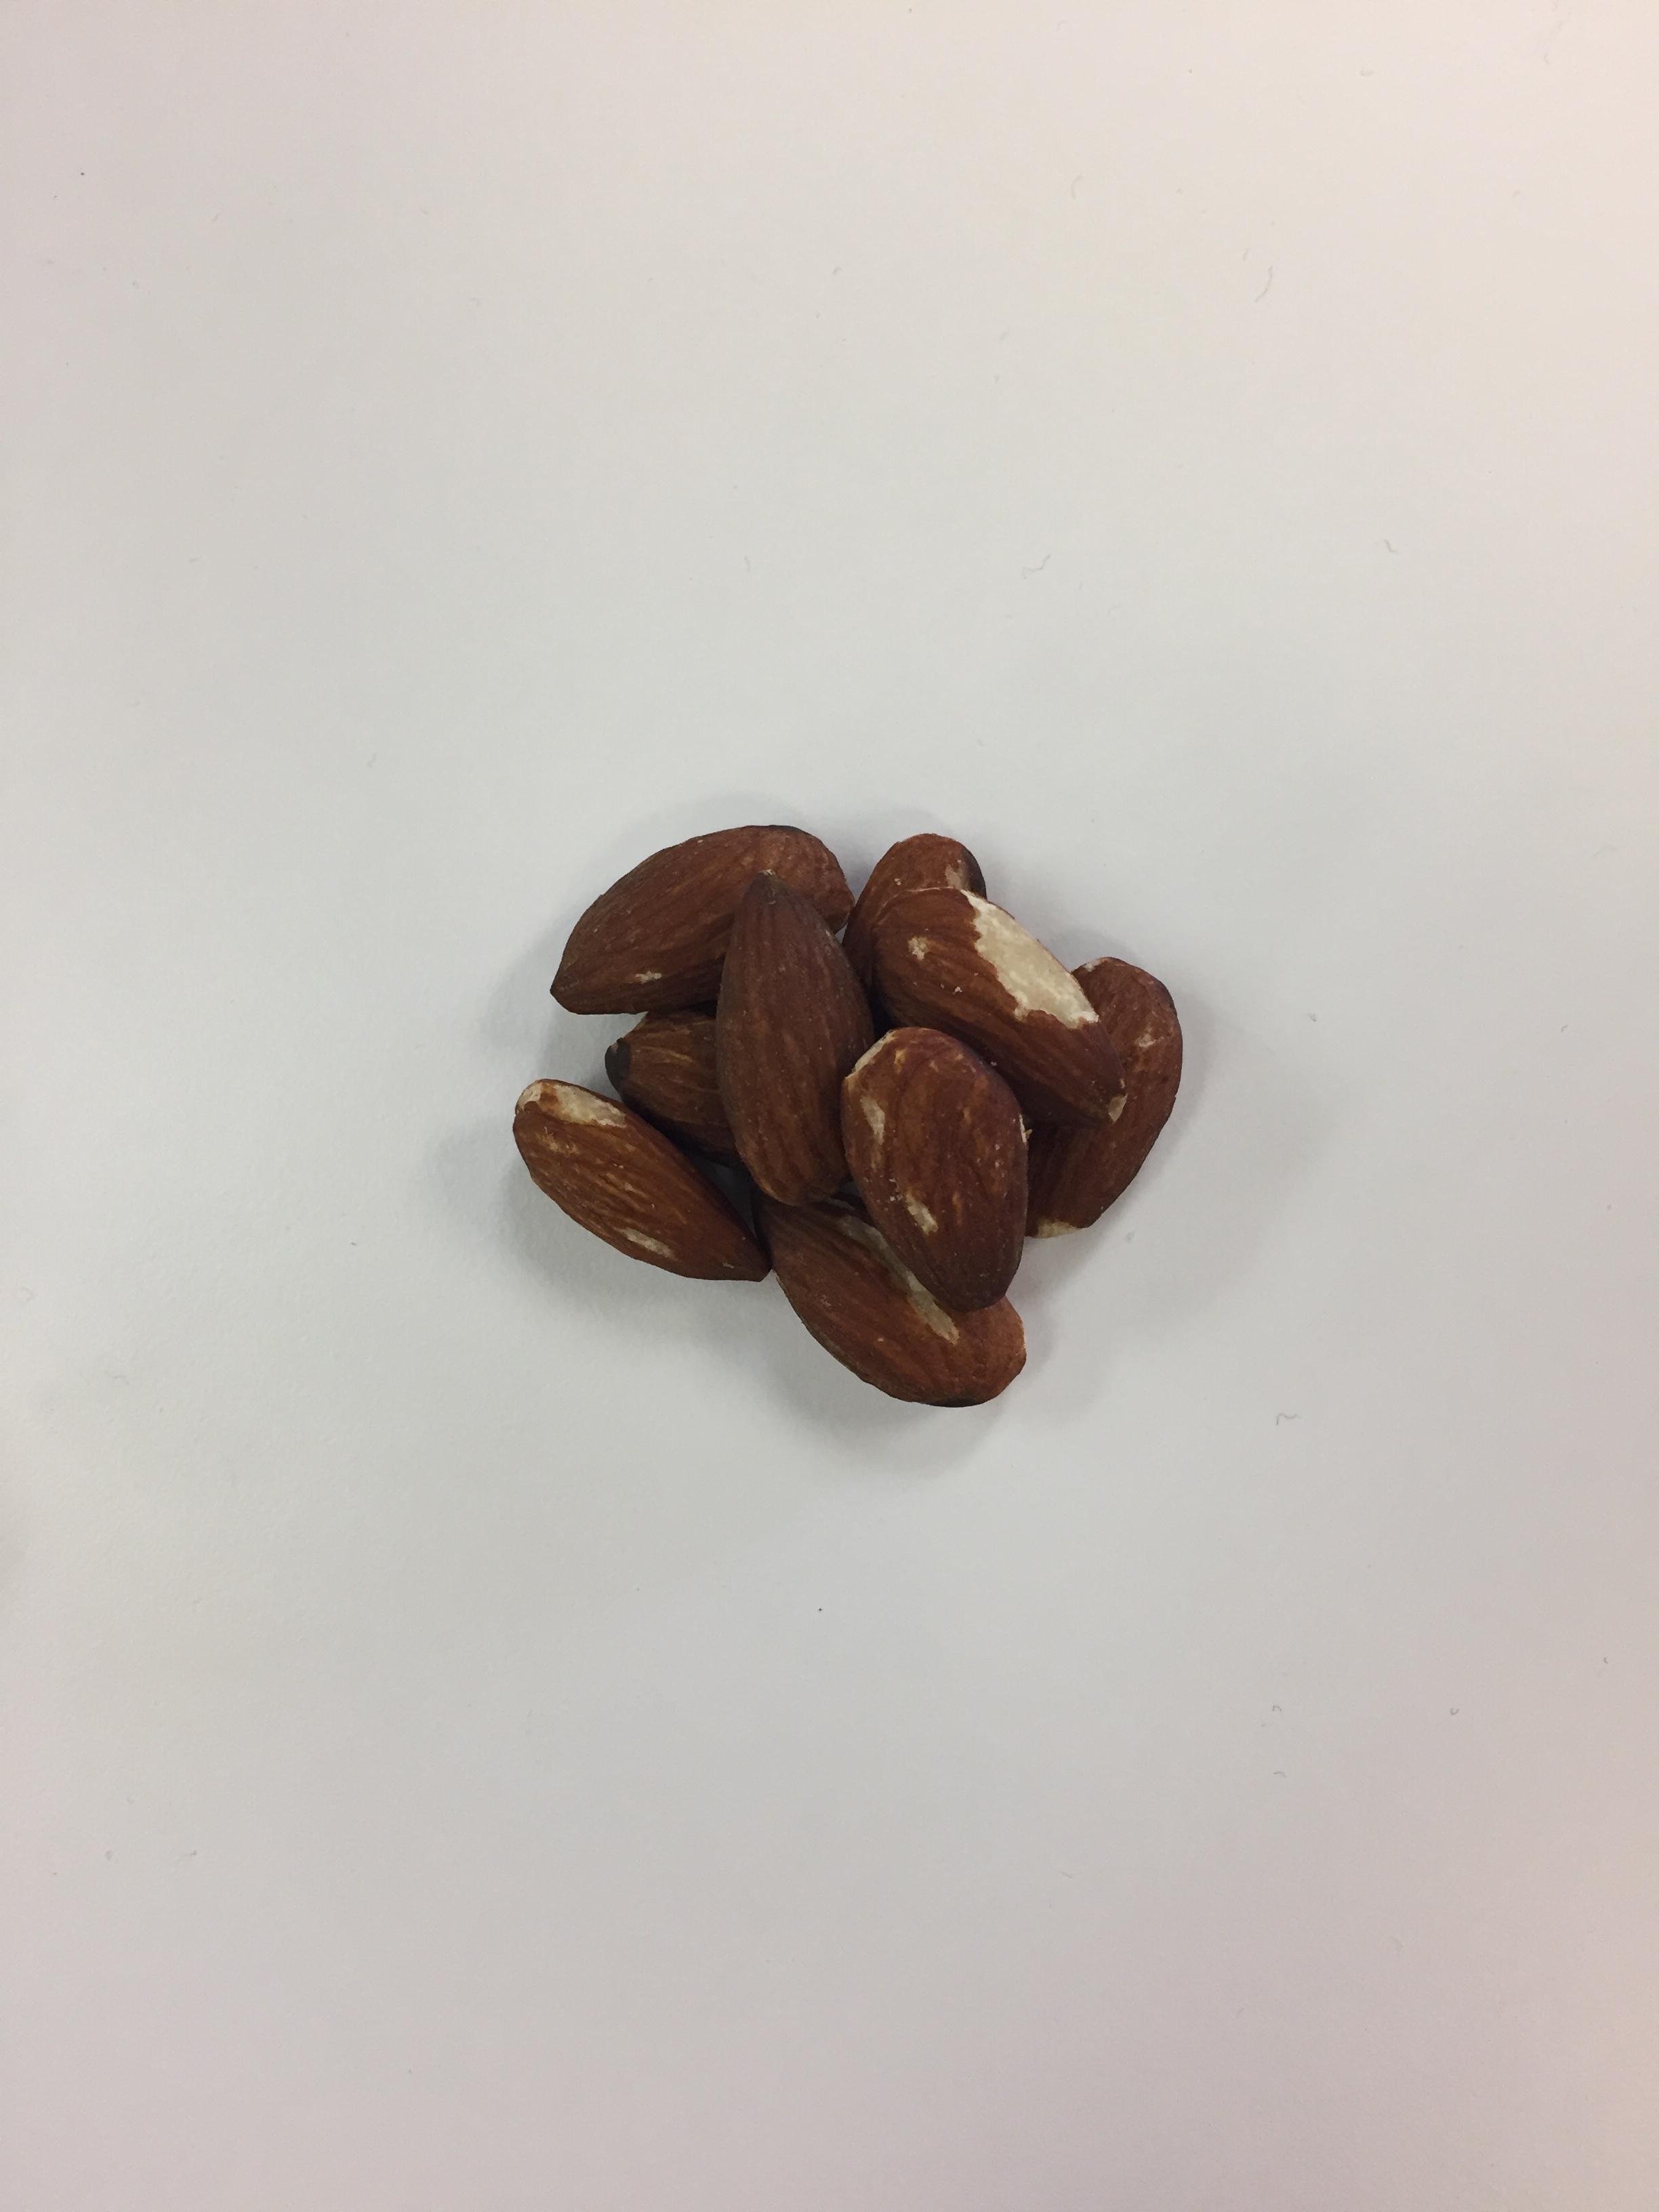 Seven Almonds